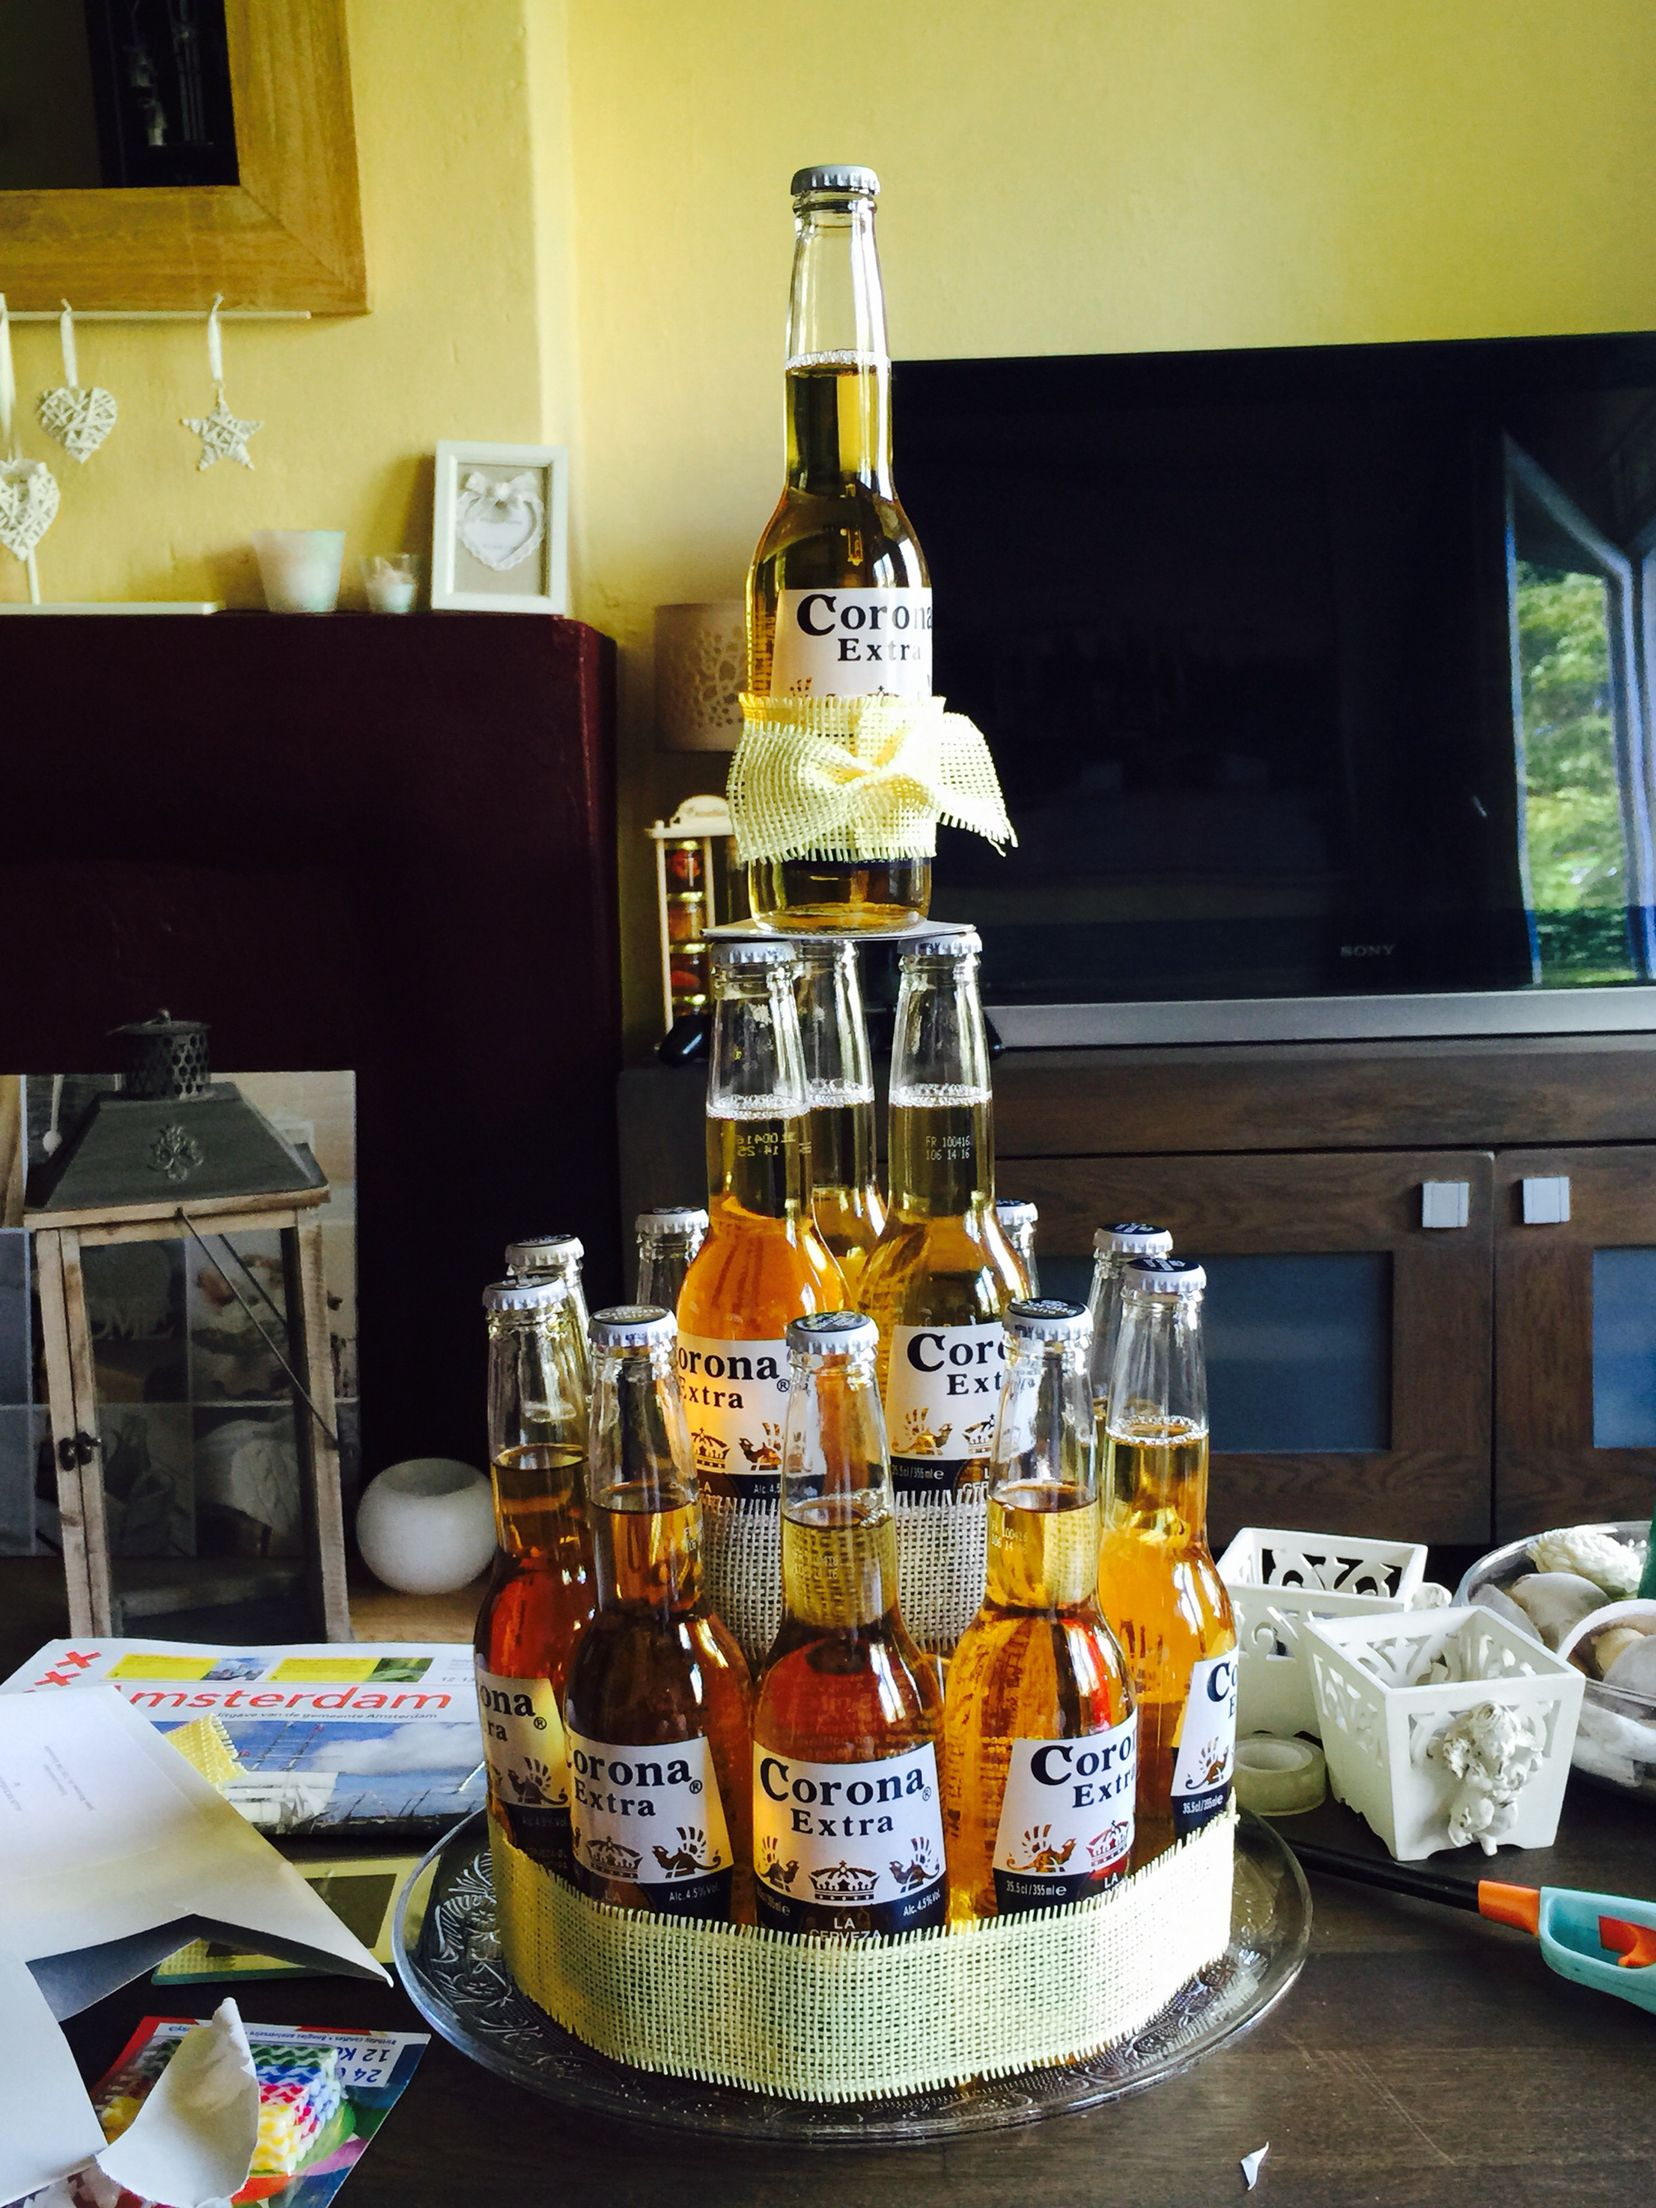 corona beer bottle cake eigen pinterest beer bottle cake corona beer and beer bottles. Black Bedroom Furniture Sets. Home Design Ideas